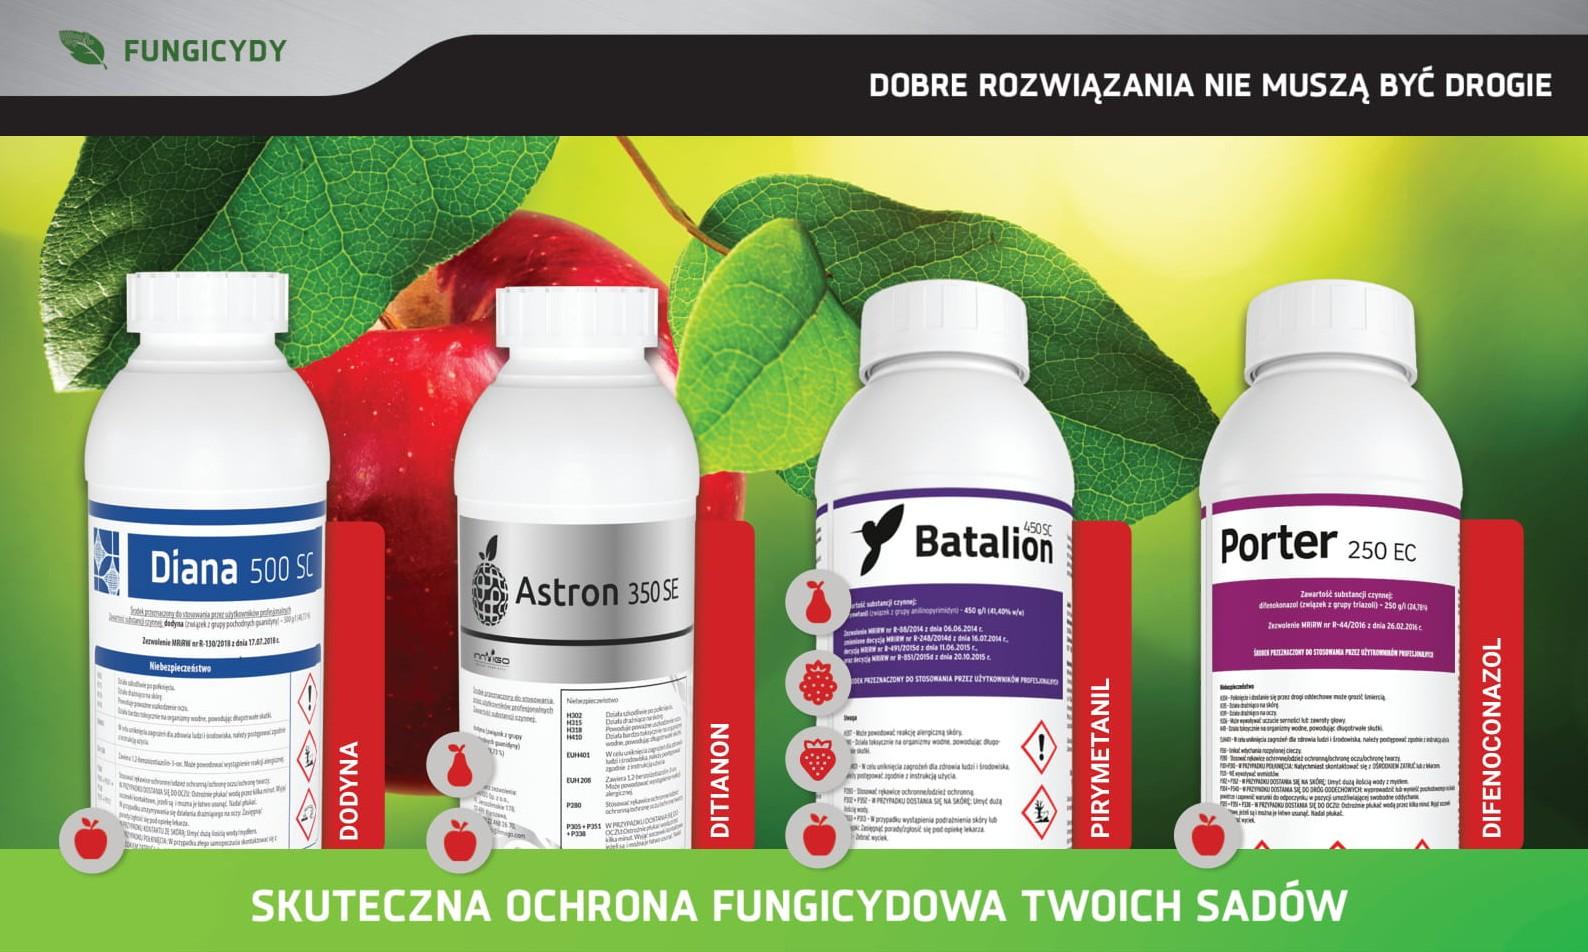 Ochrona fungicydowa sadów